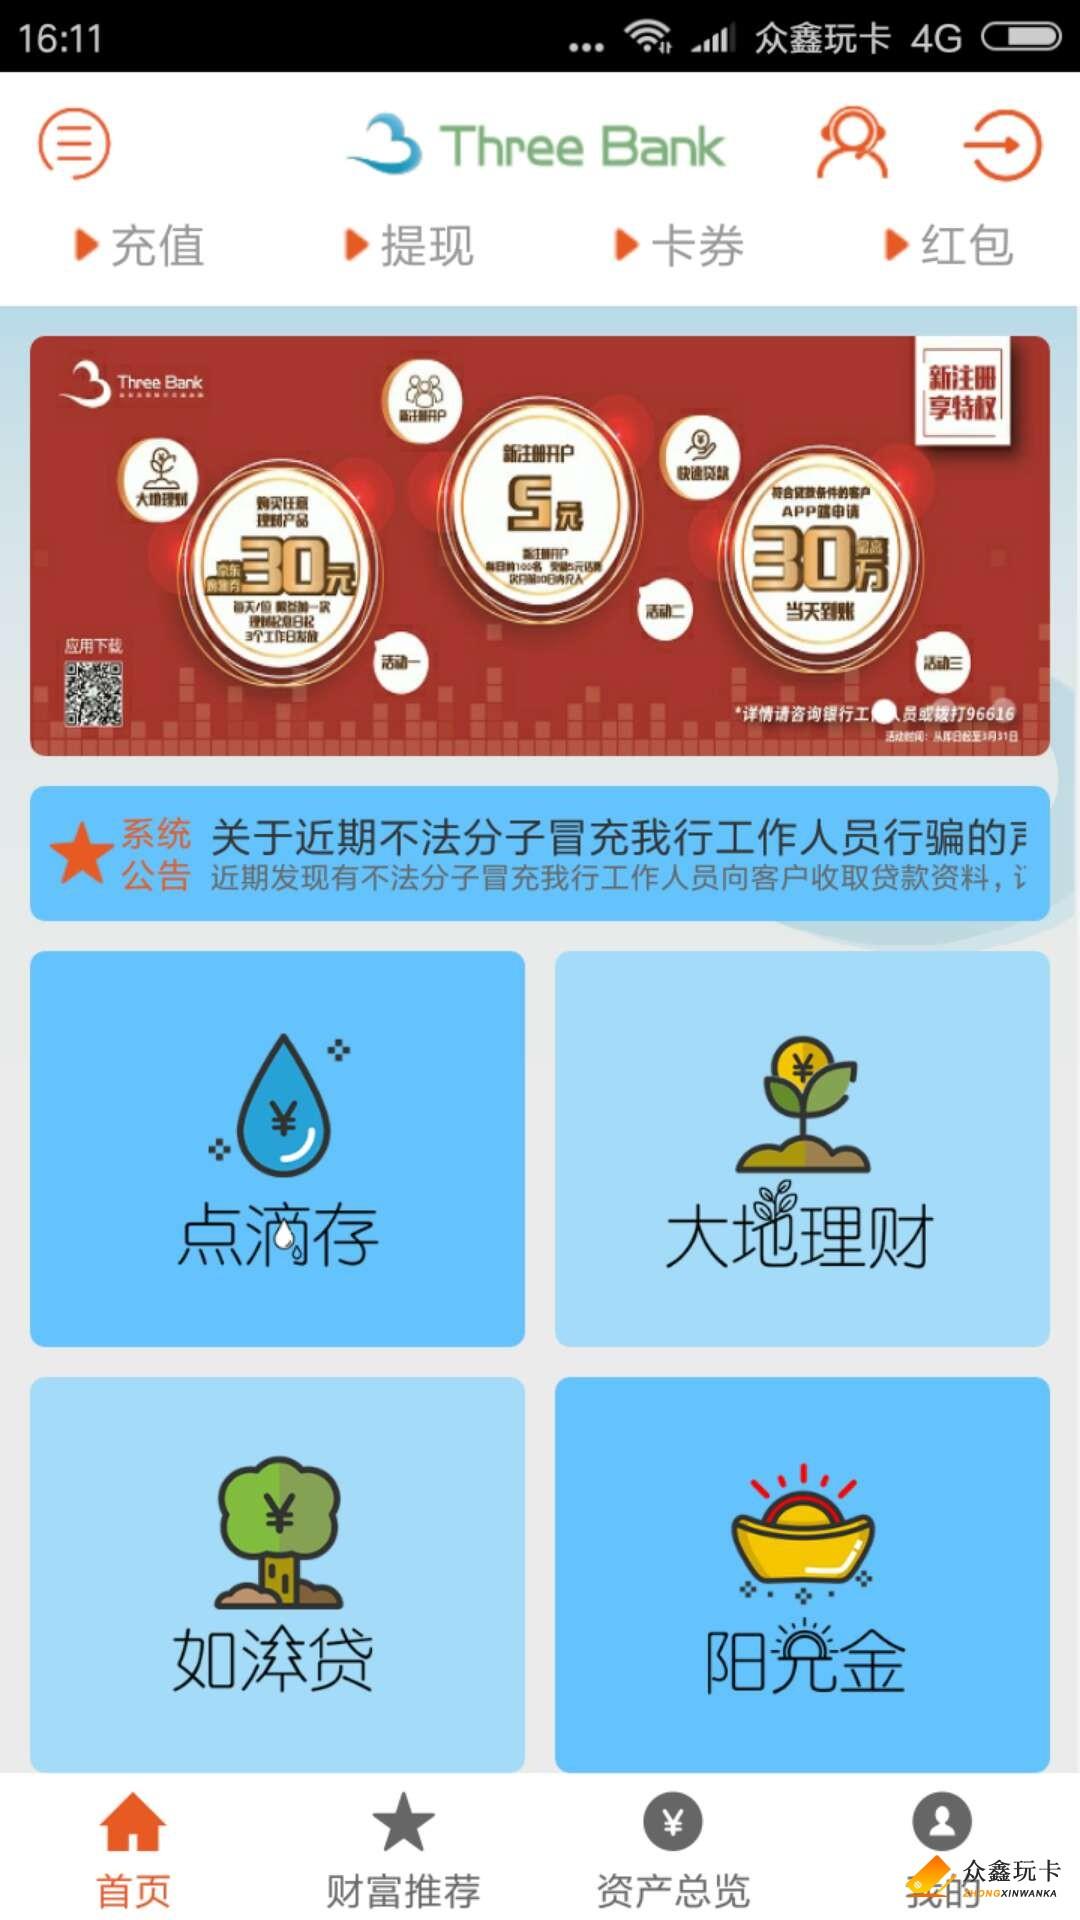 热炒金谷银行贷款 身份证15开头 只要不是黑户 最高30万!